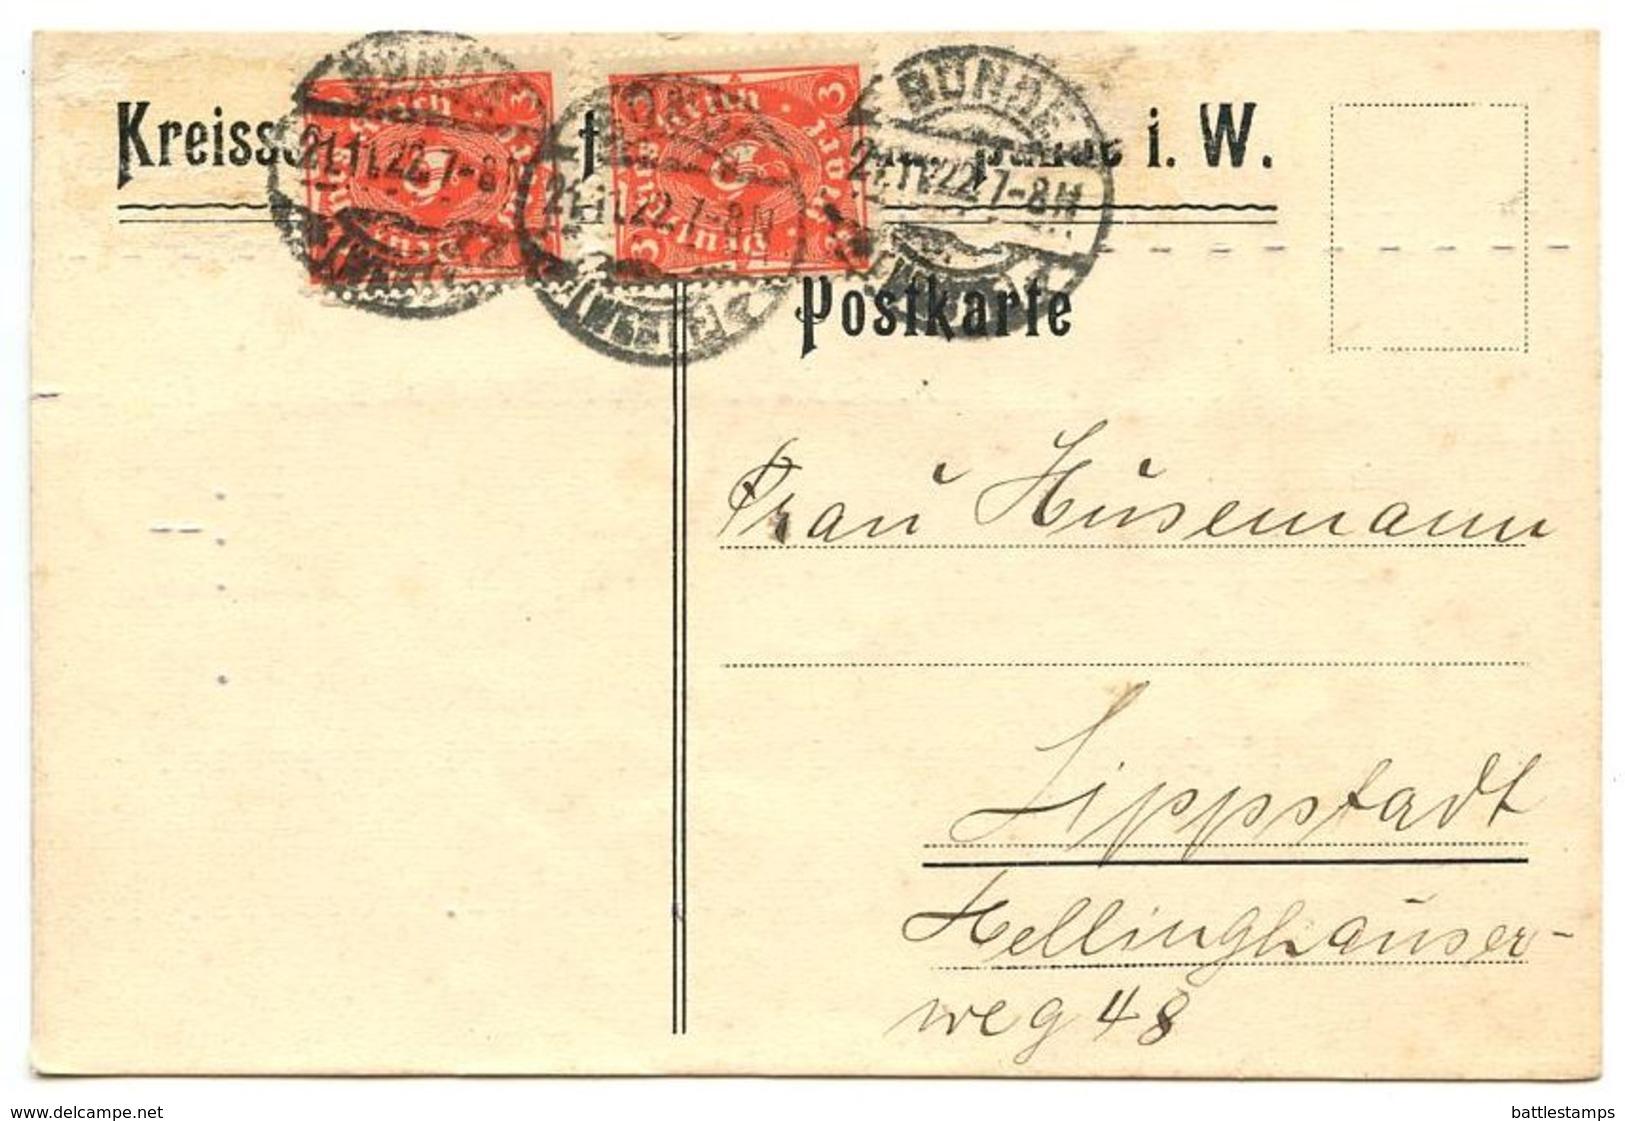 Germany 1922 Postcard Bünde To Lippstadt, Scott 188 3m. Post Horn X 2 - Deutschland